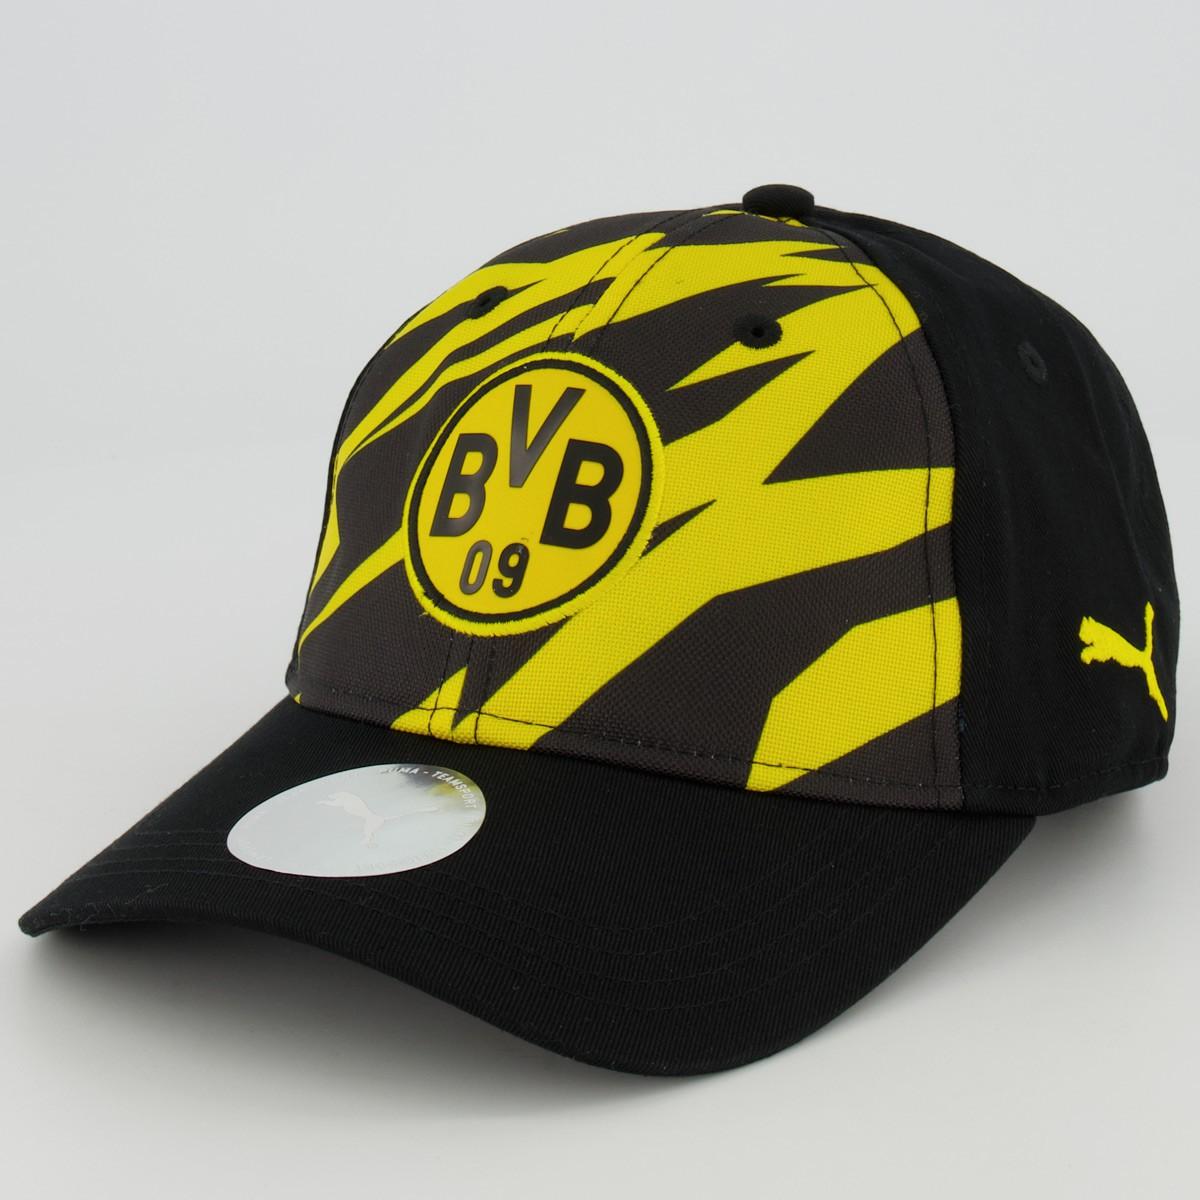 Boné Borussia Dortmund Aba Curva Strapback Adulto